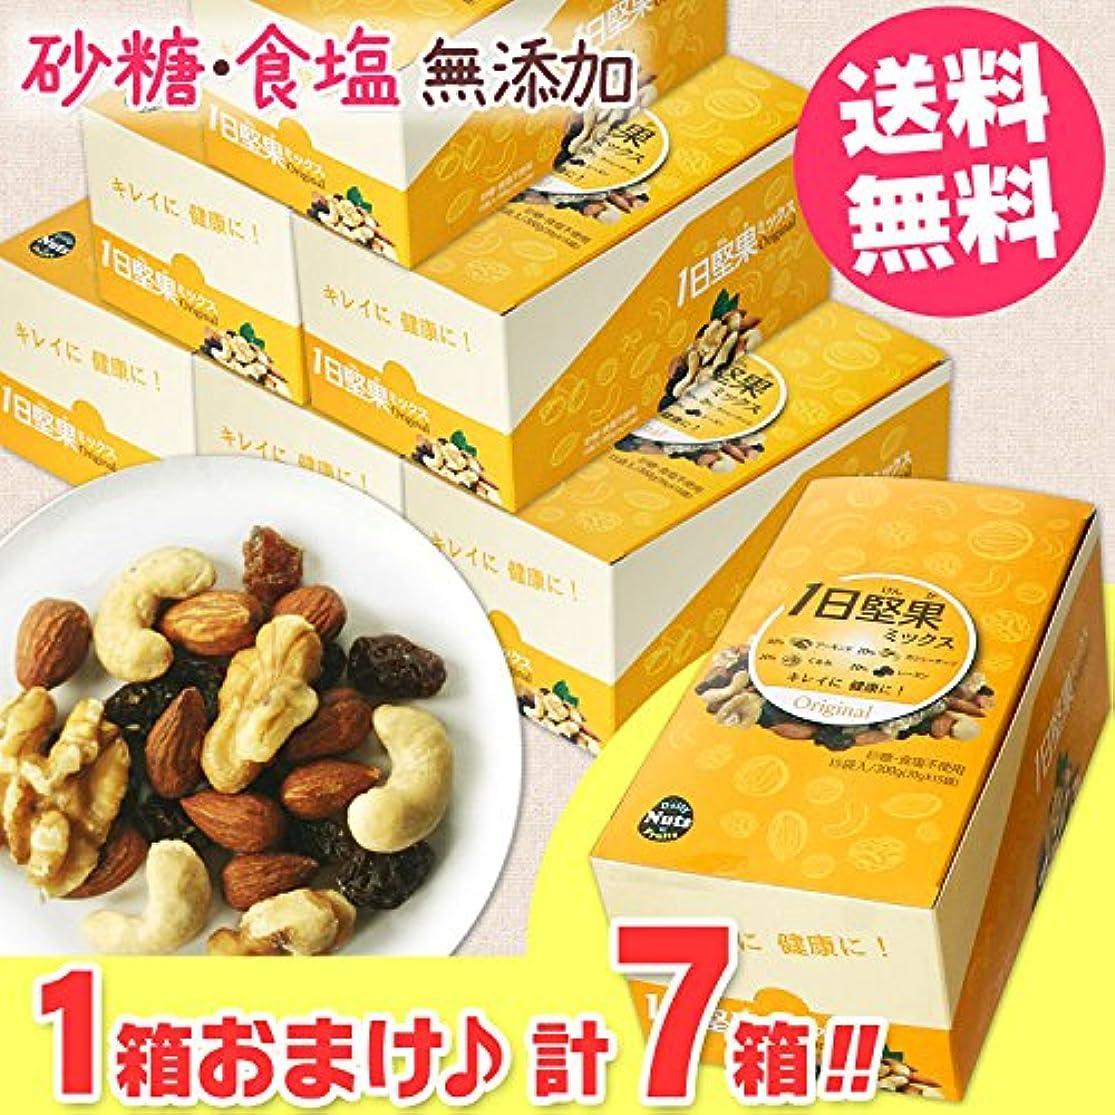 クレア決定うま1日堅果ミックス オリジナル [15袋]◆6箱セット+1箱増量?